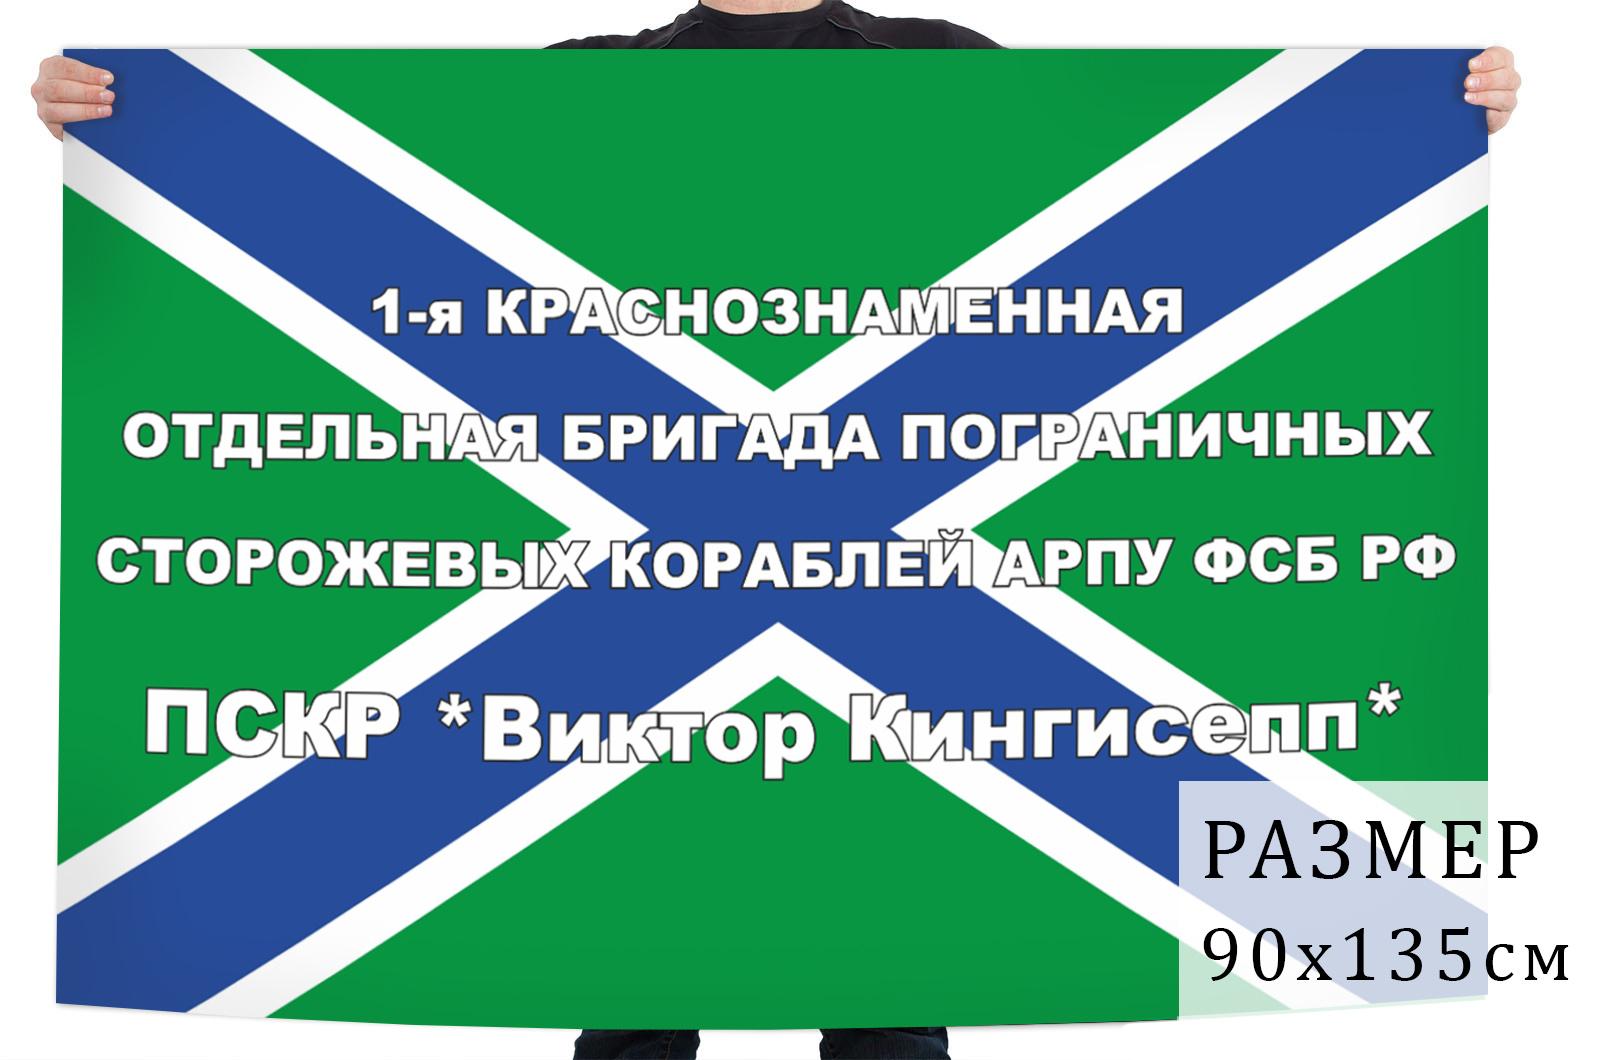 Заказать в интернете флаг ПСКР Виктор Кингисепп